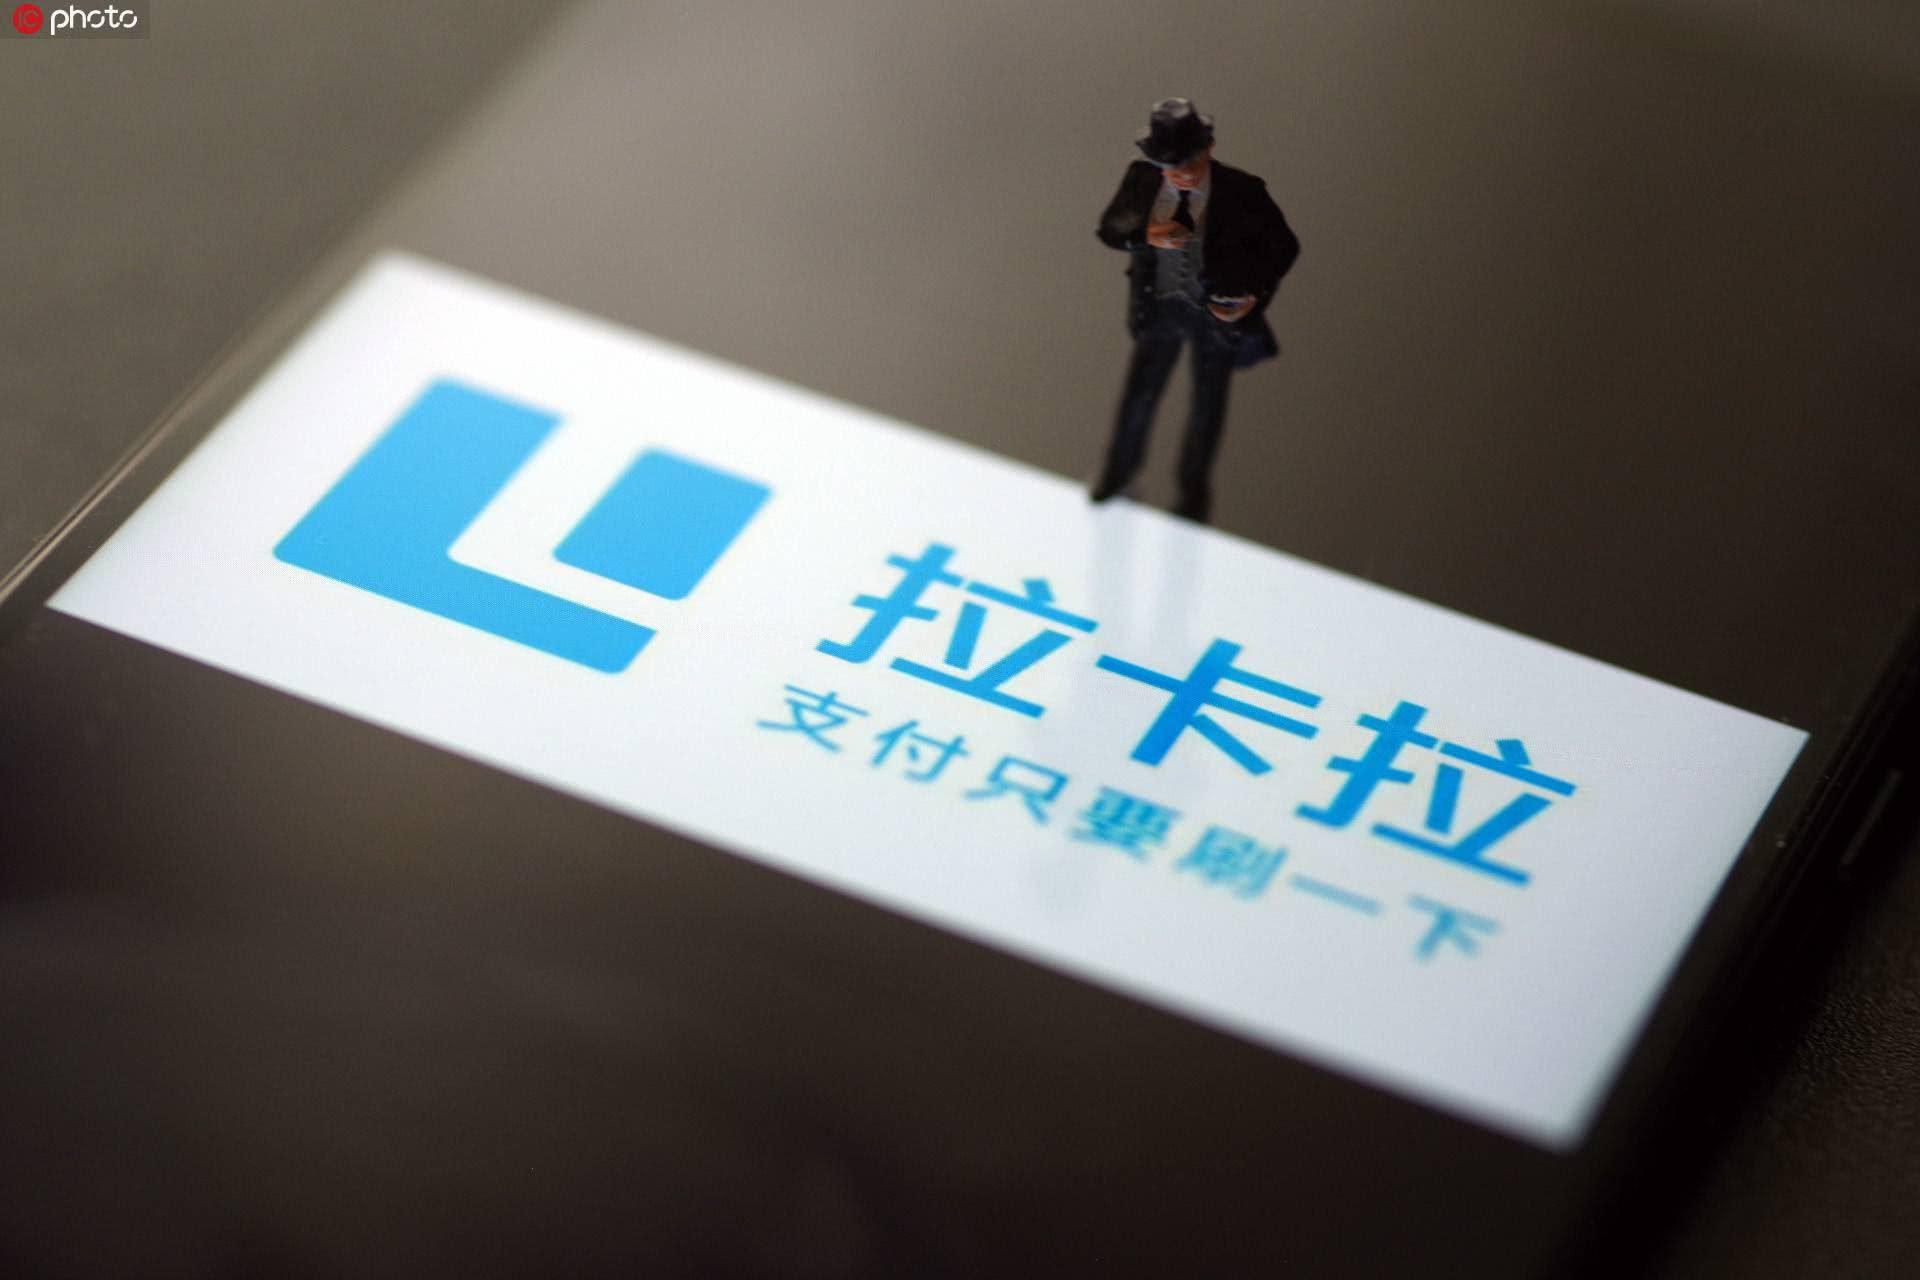 http://www.xqweigou.com/dianshangO2O/50201.html